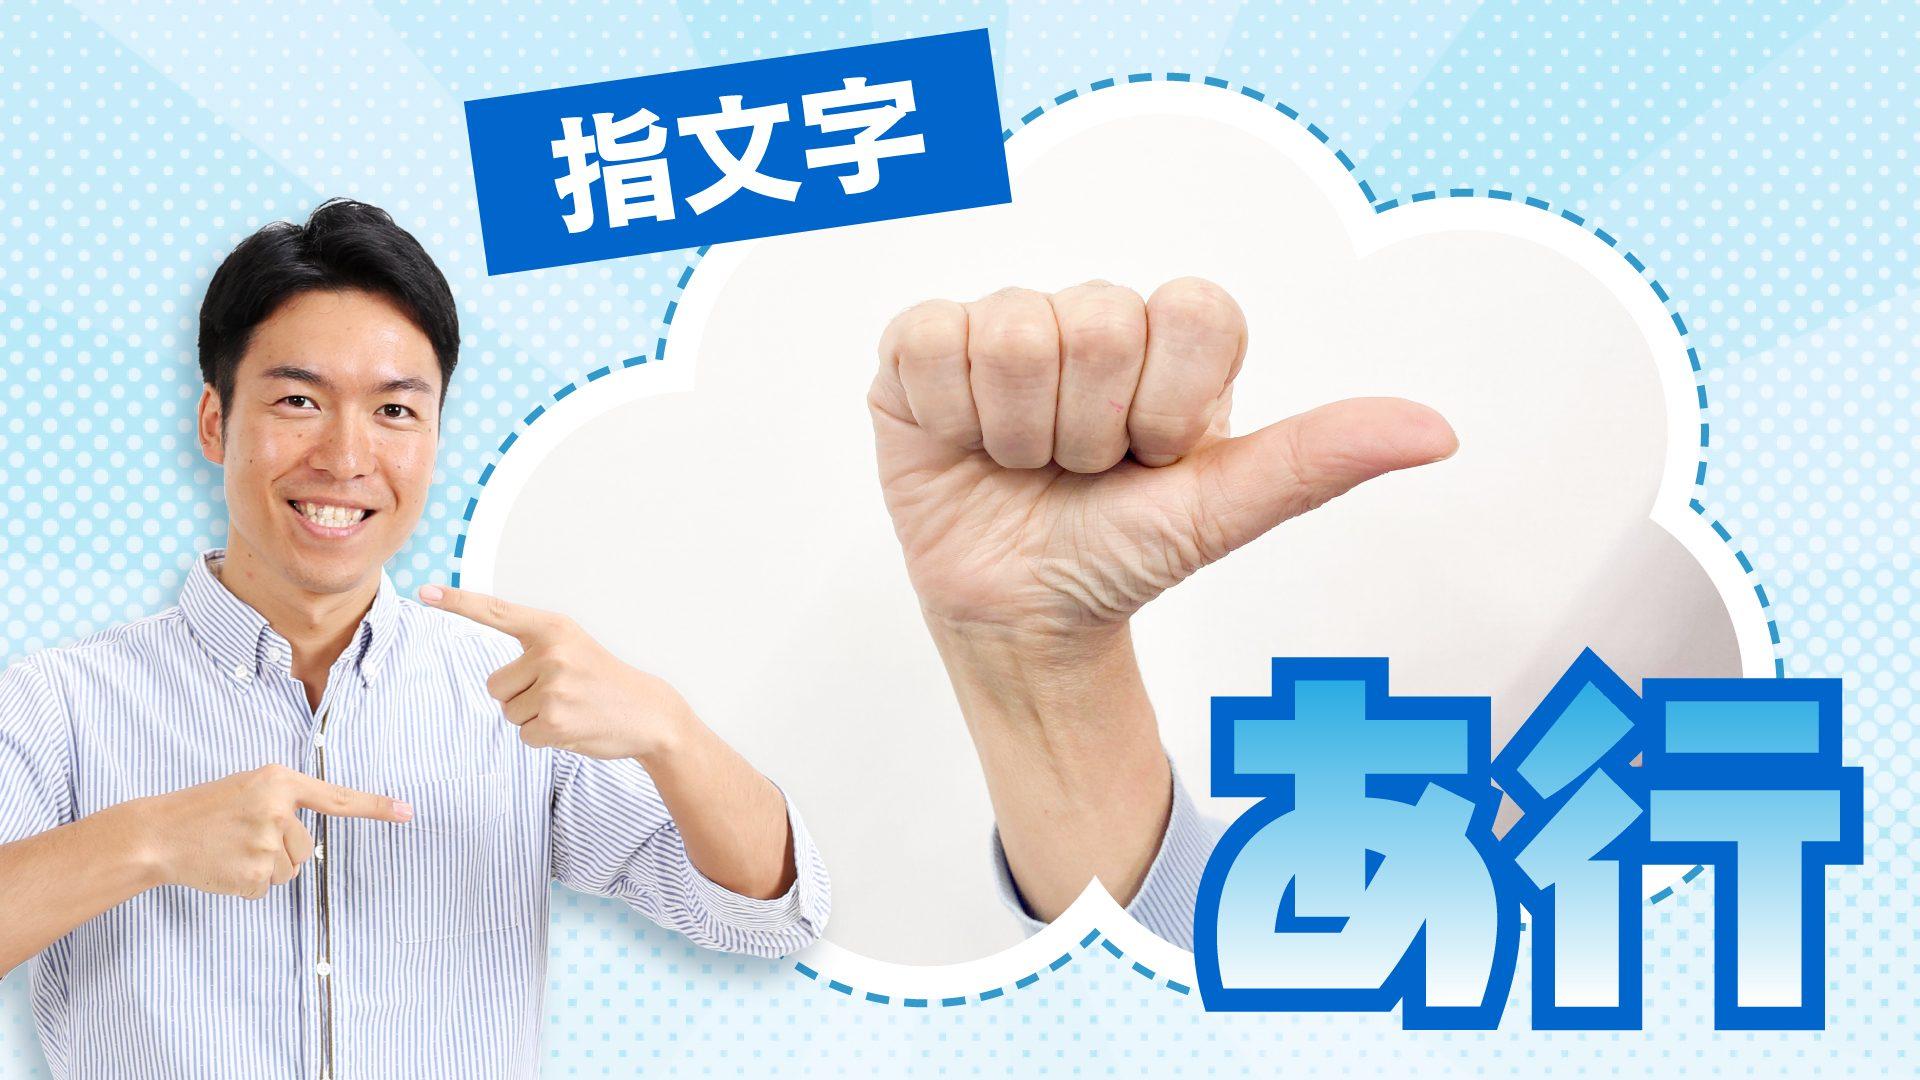 【写真で分かる】手話の指文字を覚えよう!「あ行」編